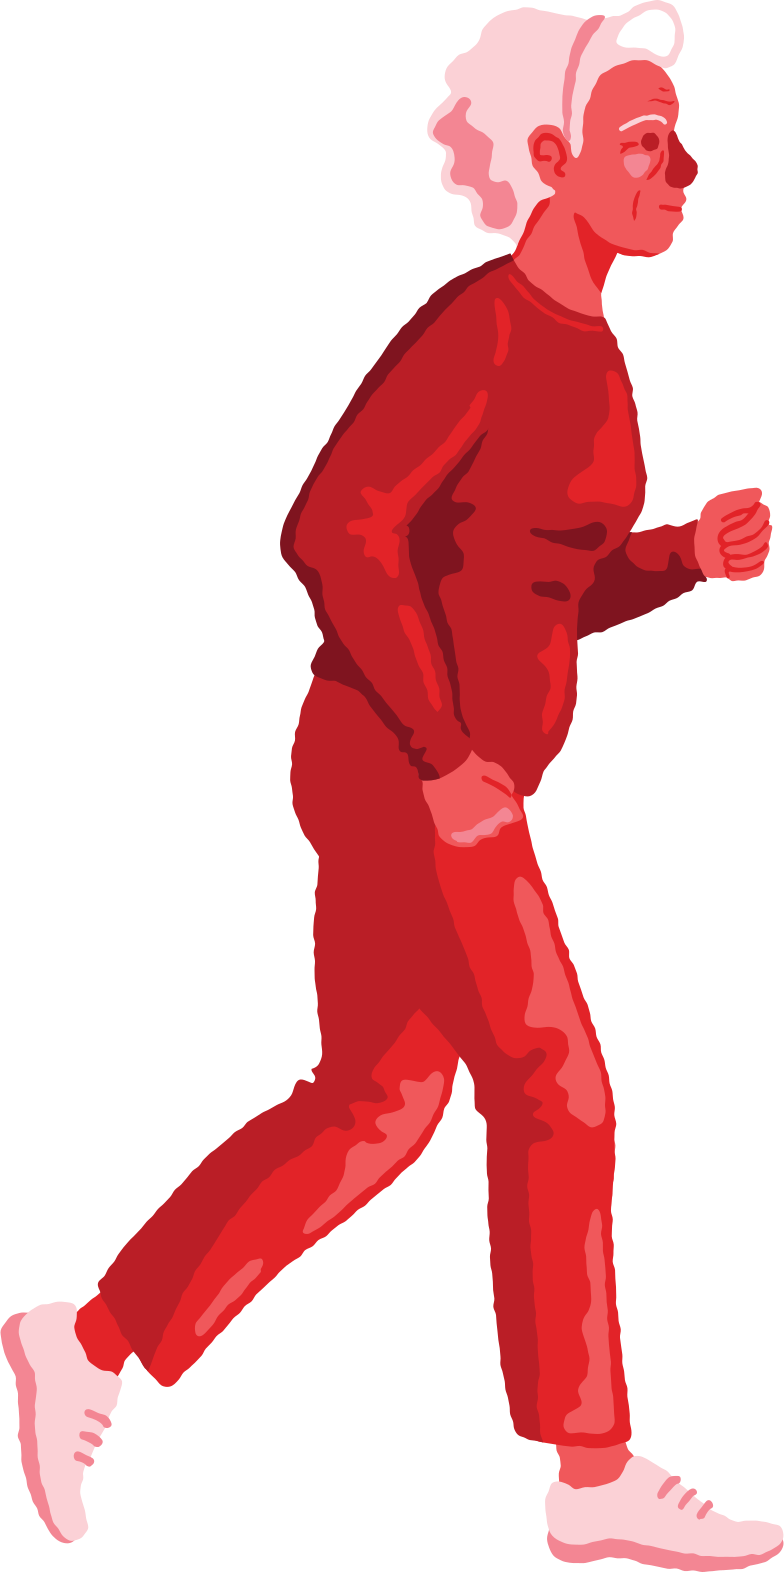 Illustration clipart Vieille femme en cours d'exécution aux formats PNG, SVG